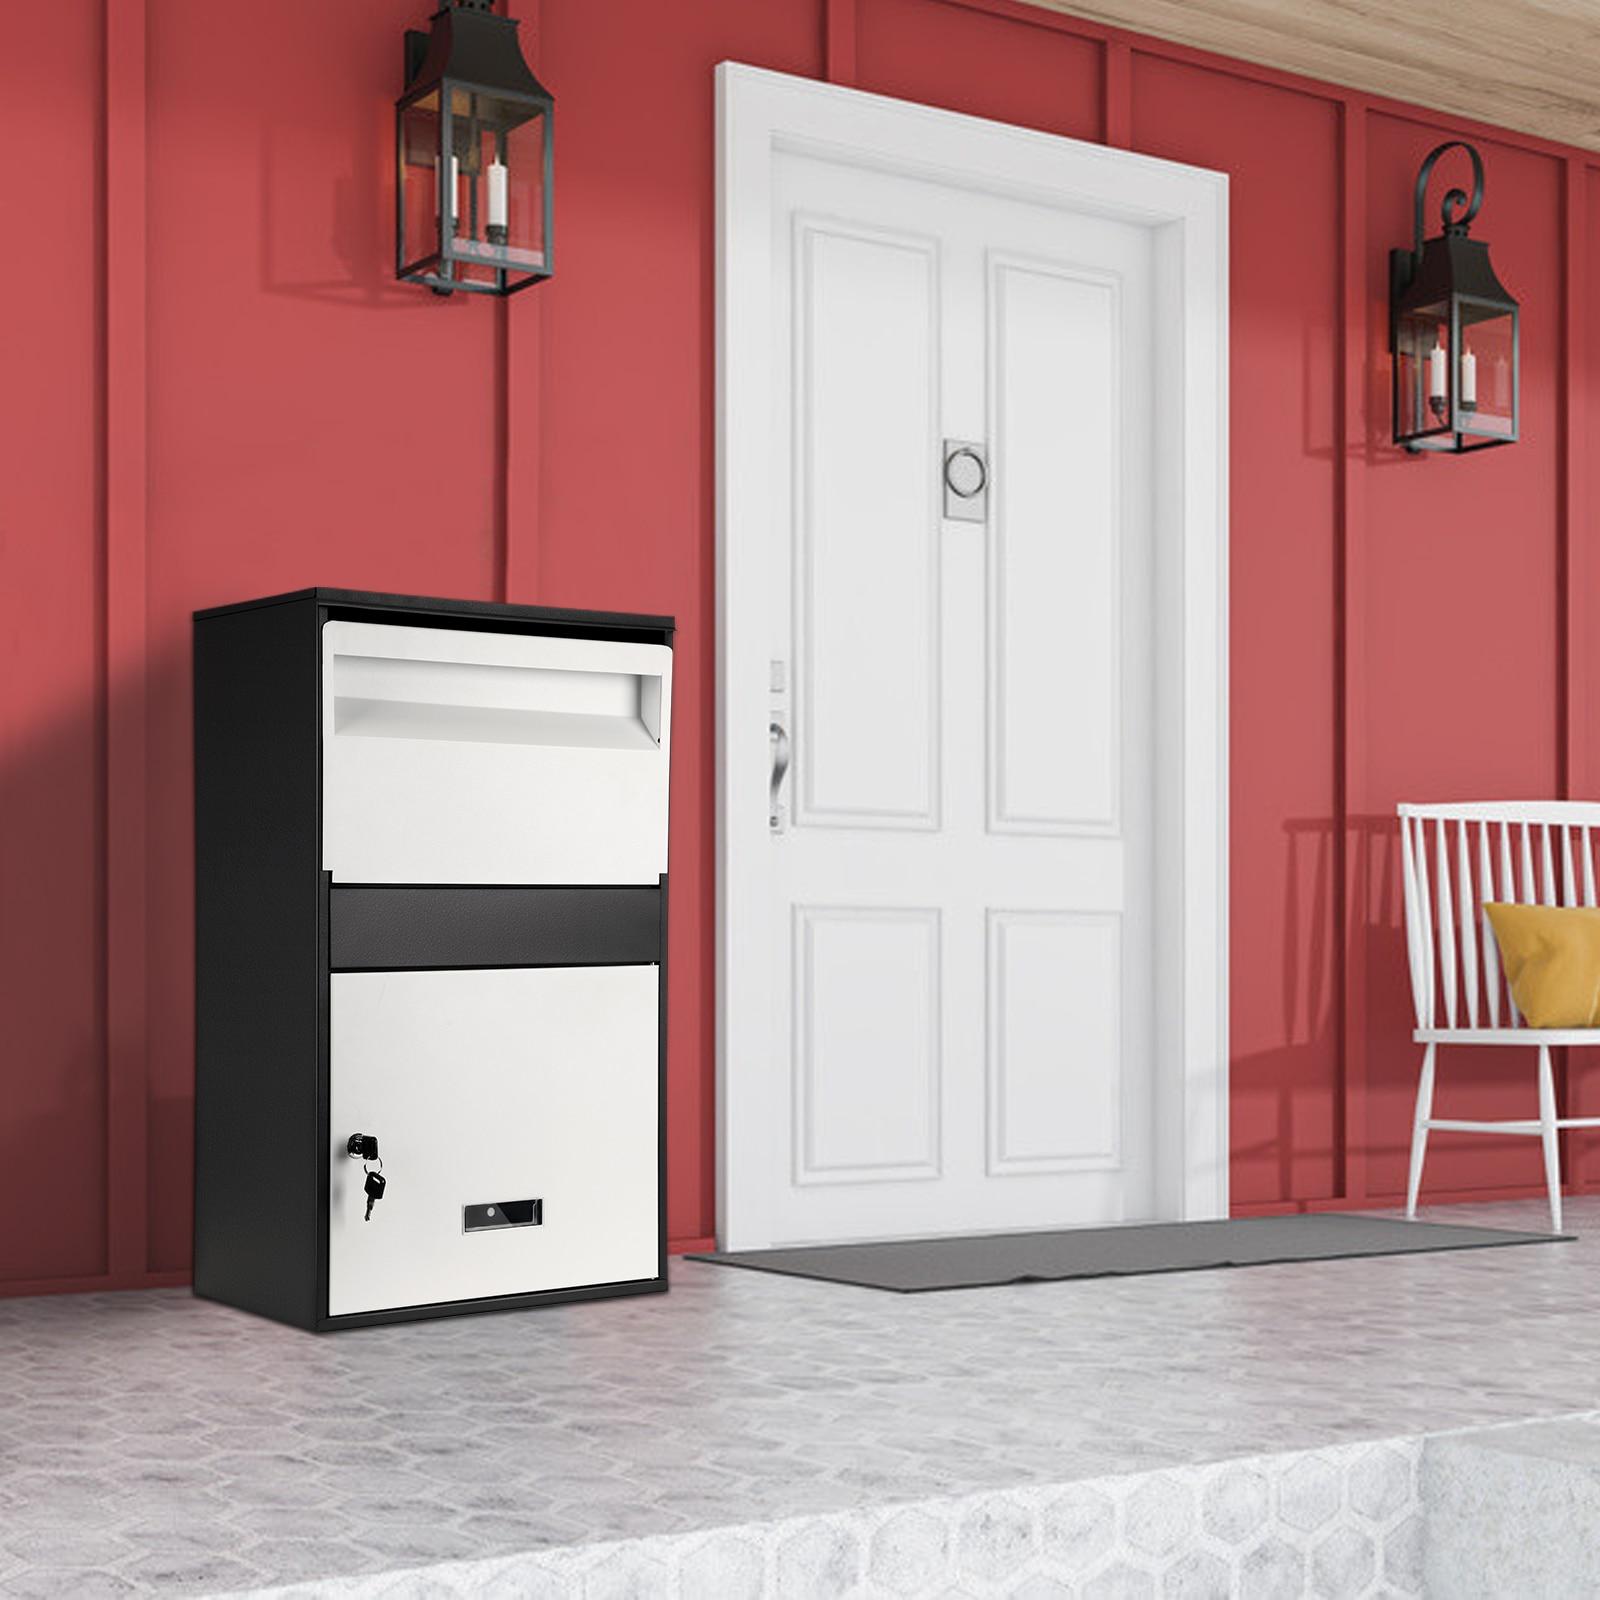 الأسرة اكسبرس خزانة خاصة المنزلية مكافحة سرقة صندوق الطرود في الهواء الطلق قفل المخزن صندوق تقديم الحائط كبيرة